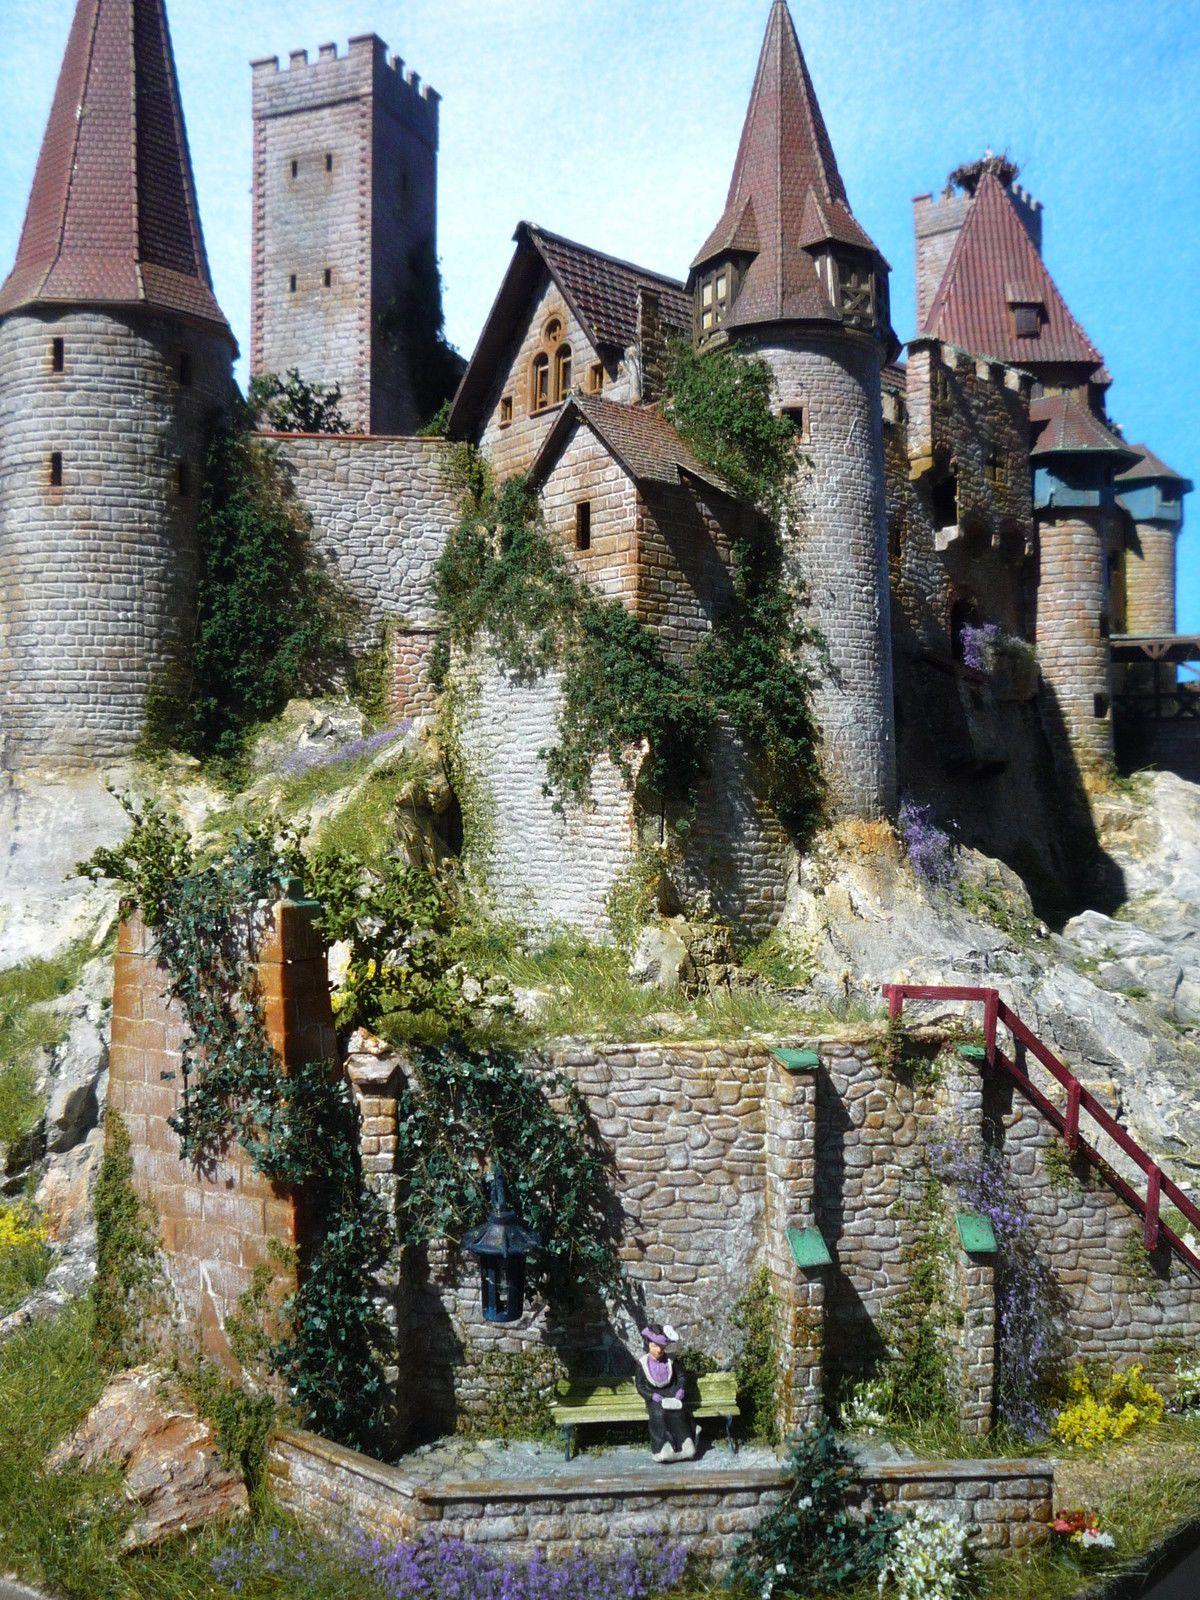 Diorama Castle Burg Schloss Elbenwald Patiniert Beleuchtung Kutsche Ebay Burg Diorama Modelleisenbahn